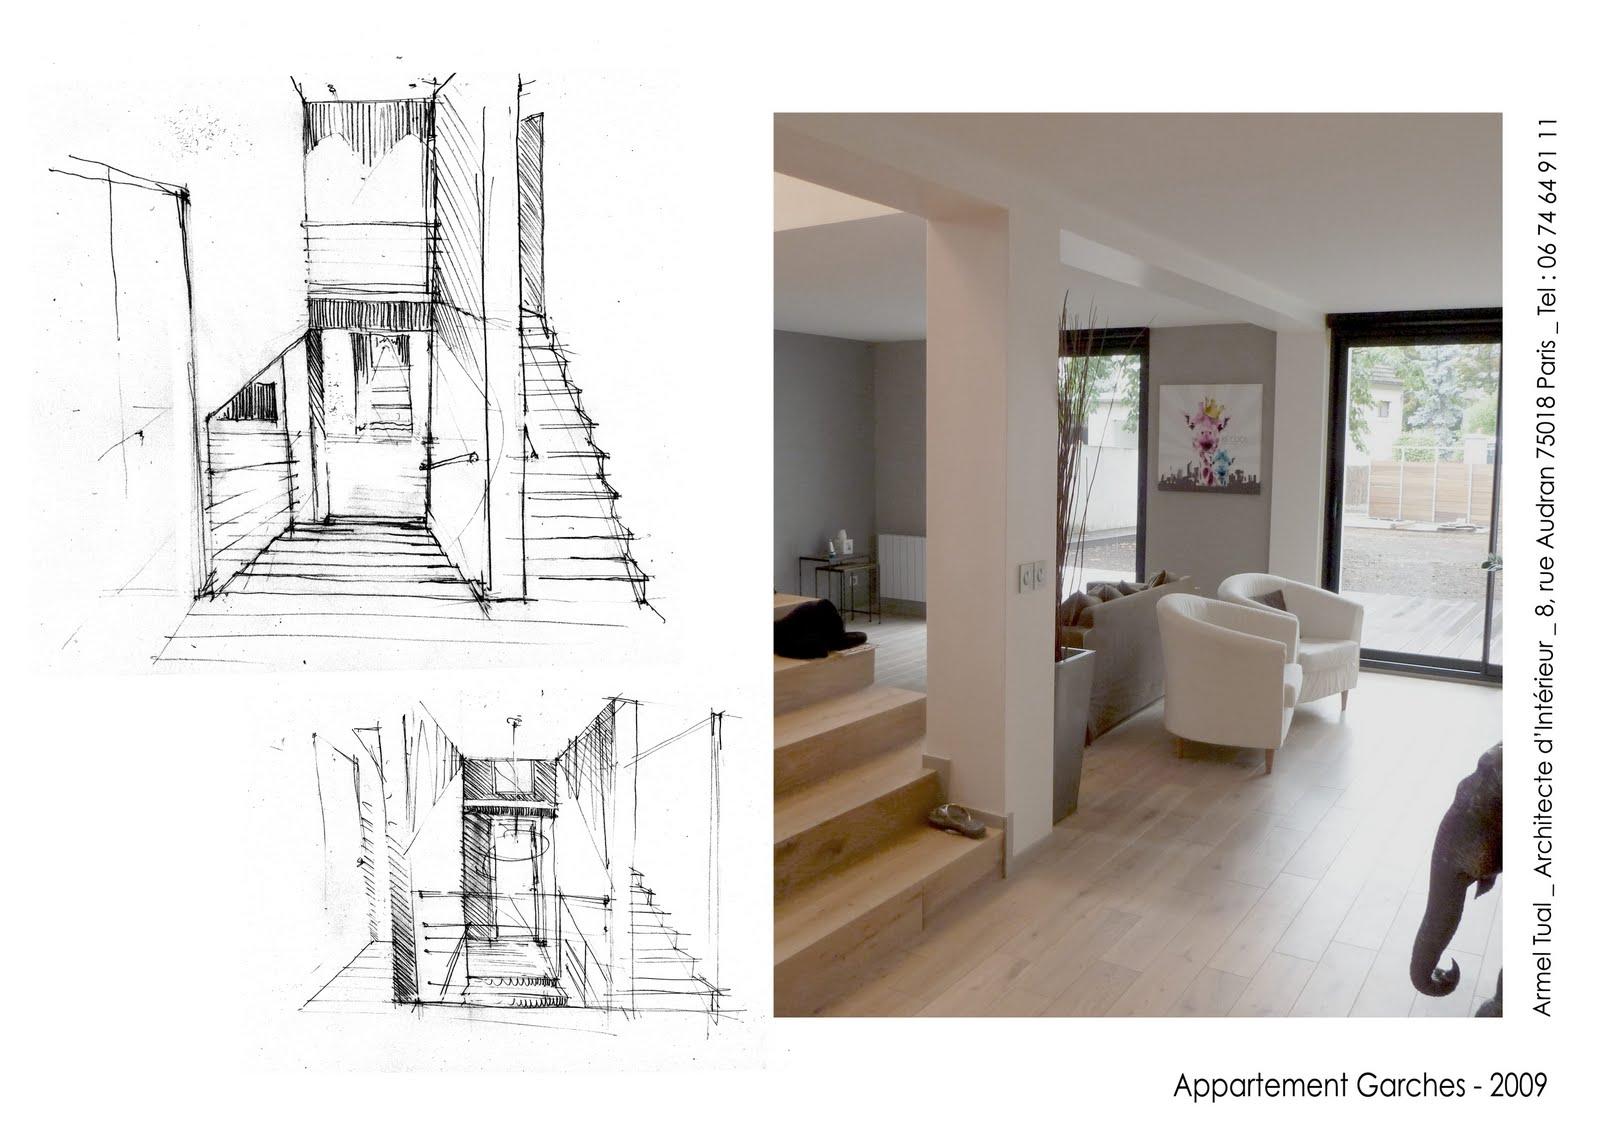 armel tual architecte d 39 int rieur cfai maison de 213m2 sur 3 niveaux. Black Bedroom Furniture Sets. Home Design Ideas